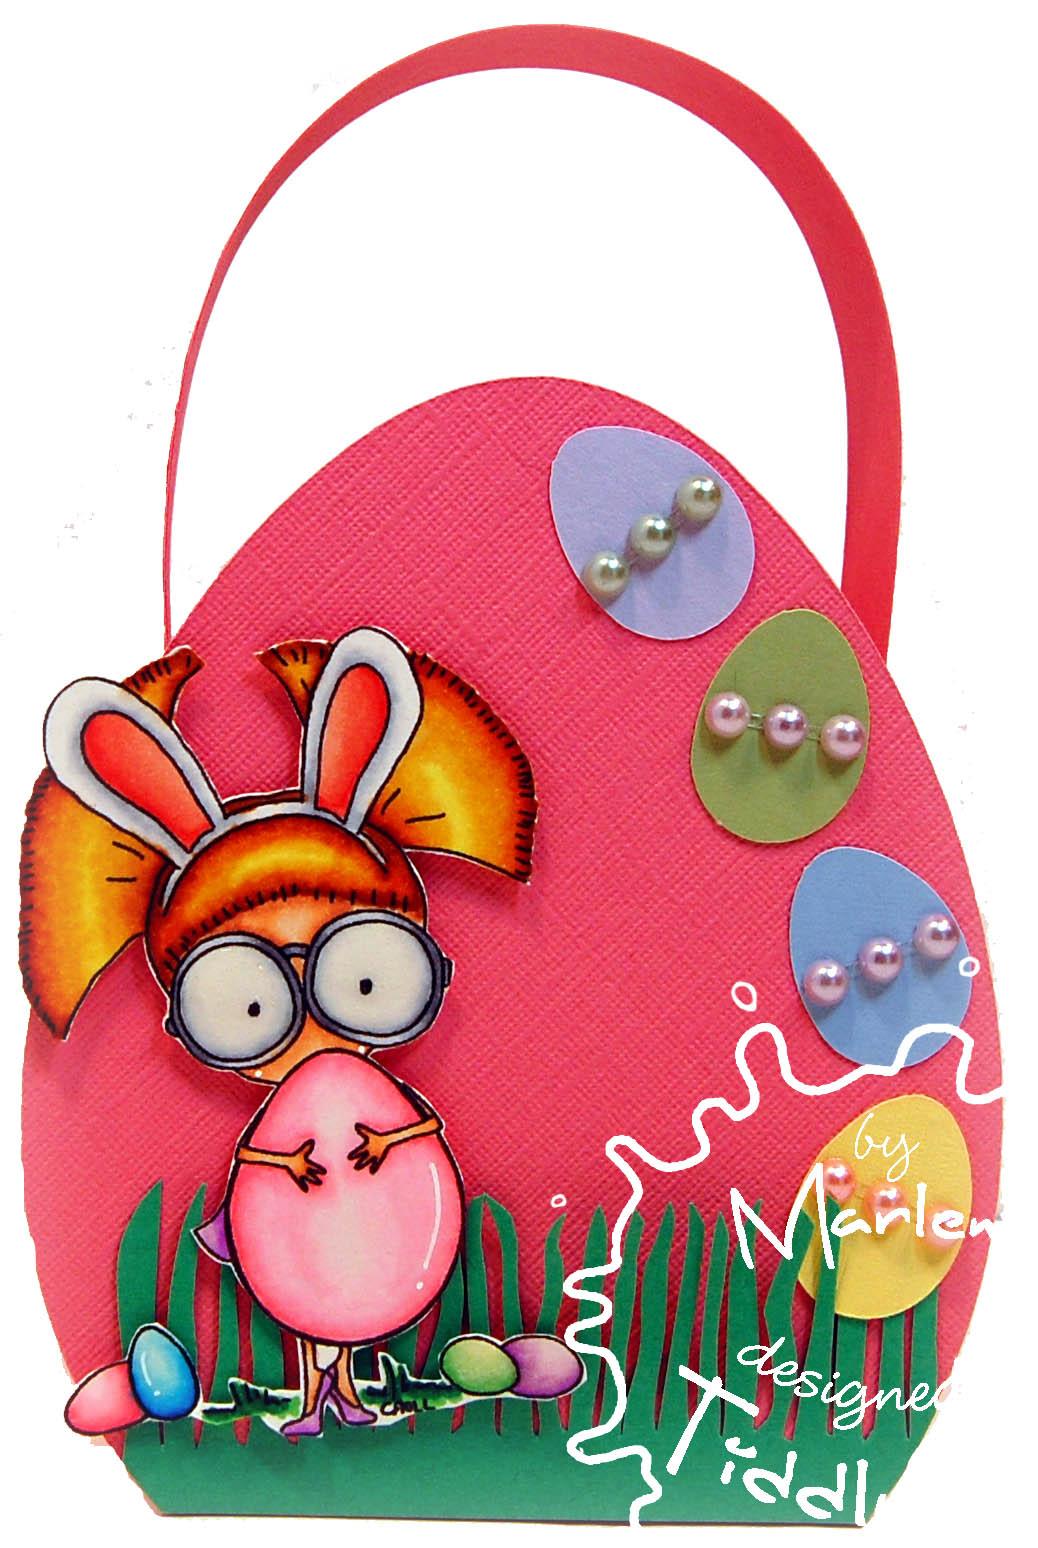 http://1.bp.blogspot.com/-FtHT3Q0zslo/TZ299mk6eFI/AAAAAAAACrU/rMNOUtsCNYU/s1600/Tiddly+Inks%252C+Minnie%2527s+Egg+copy.jpg